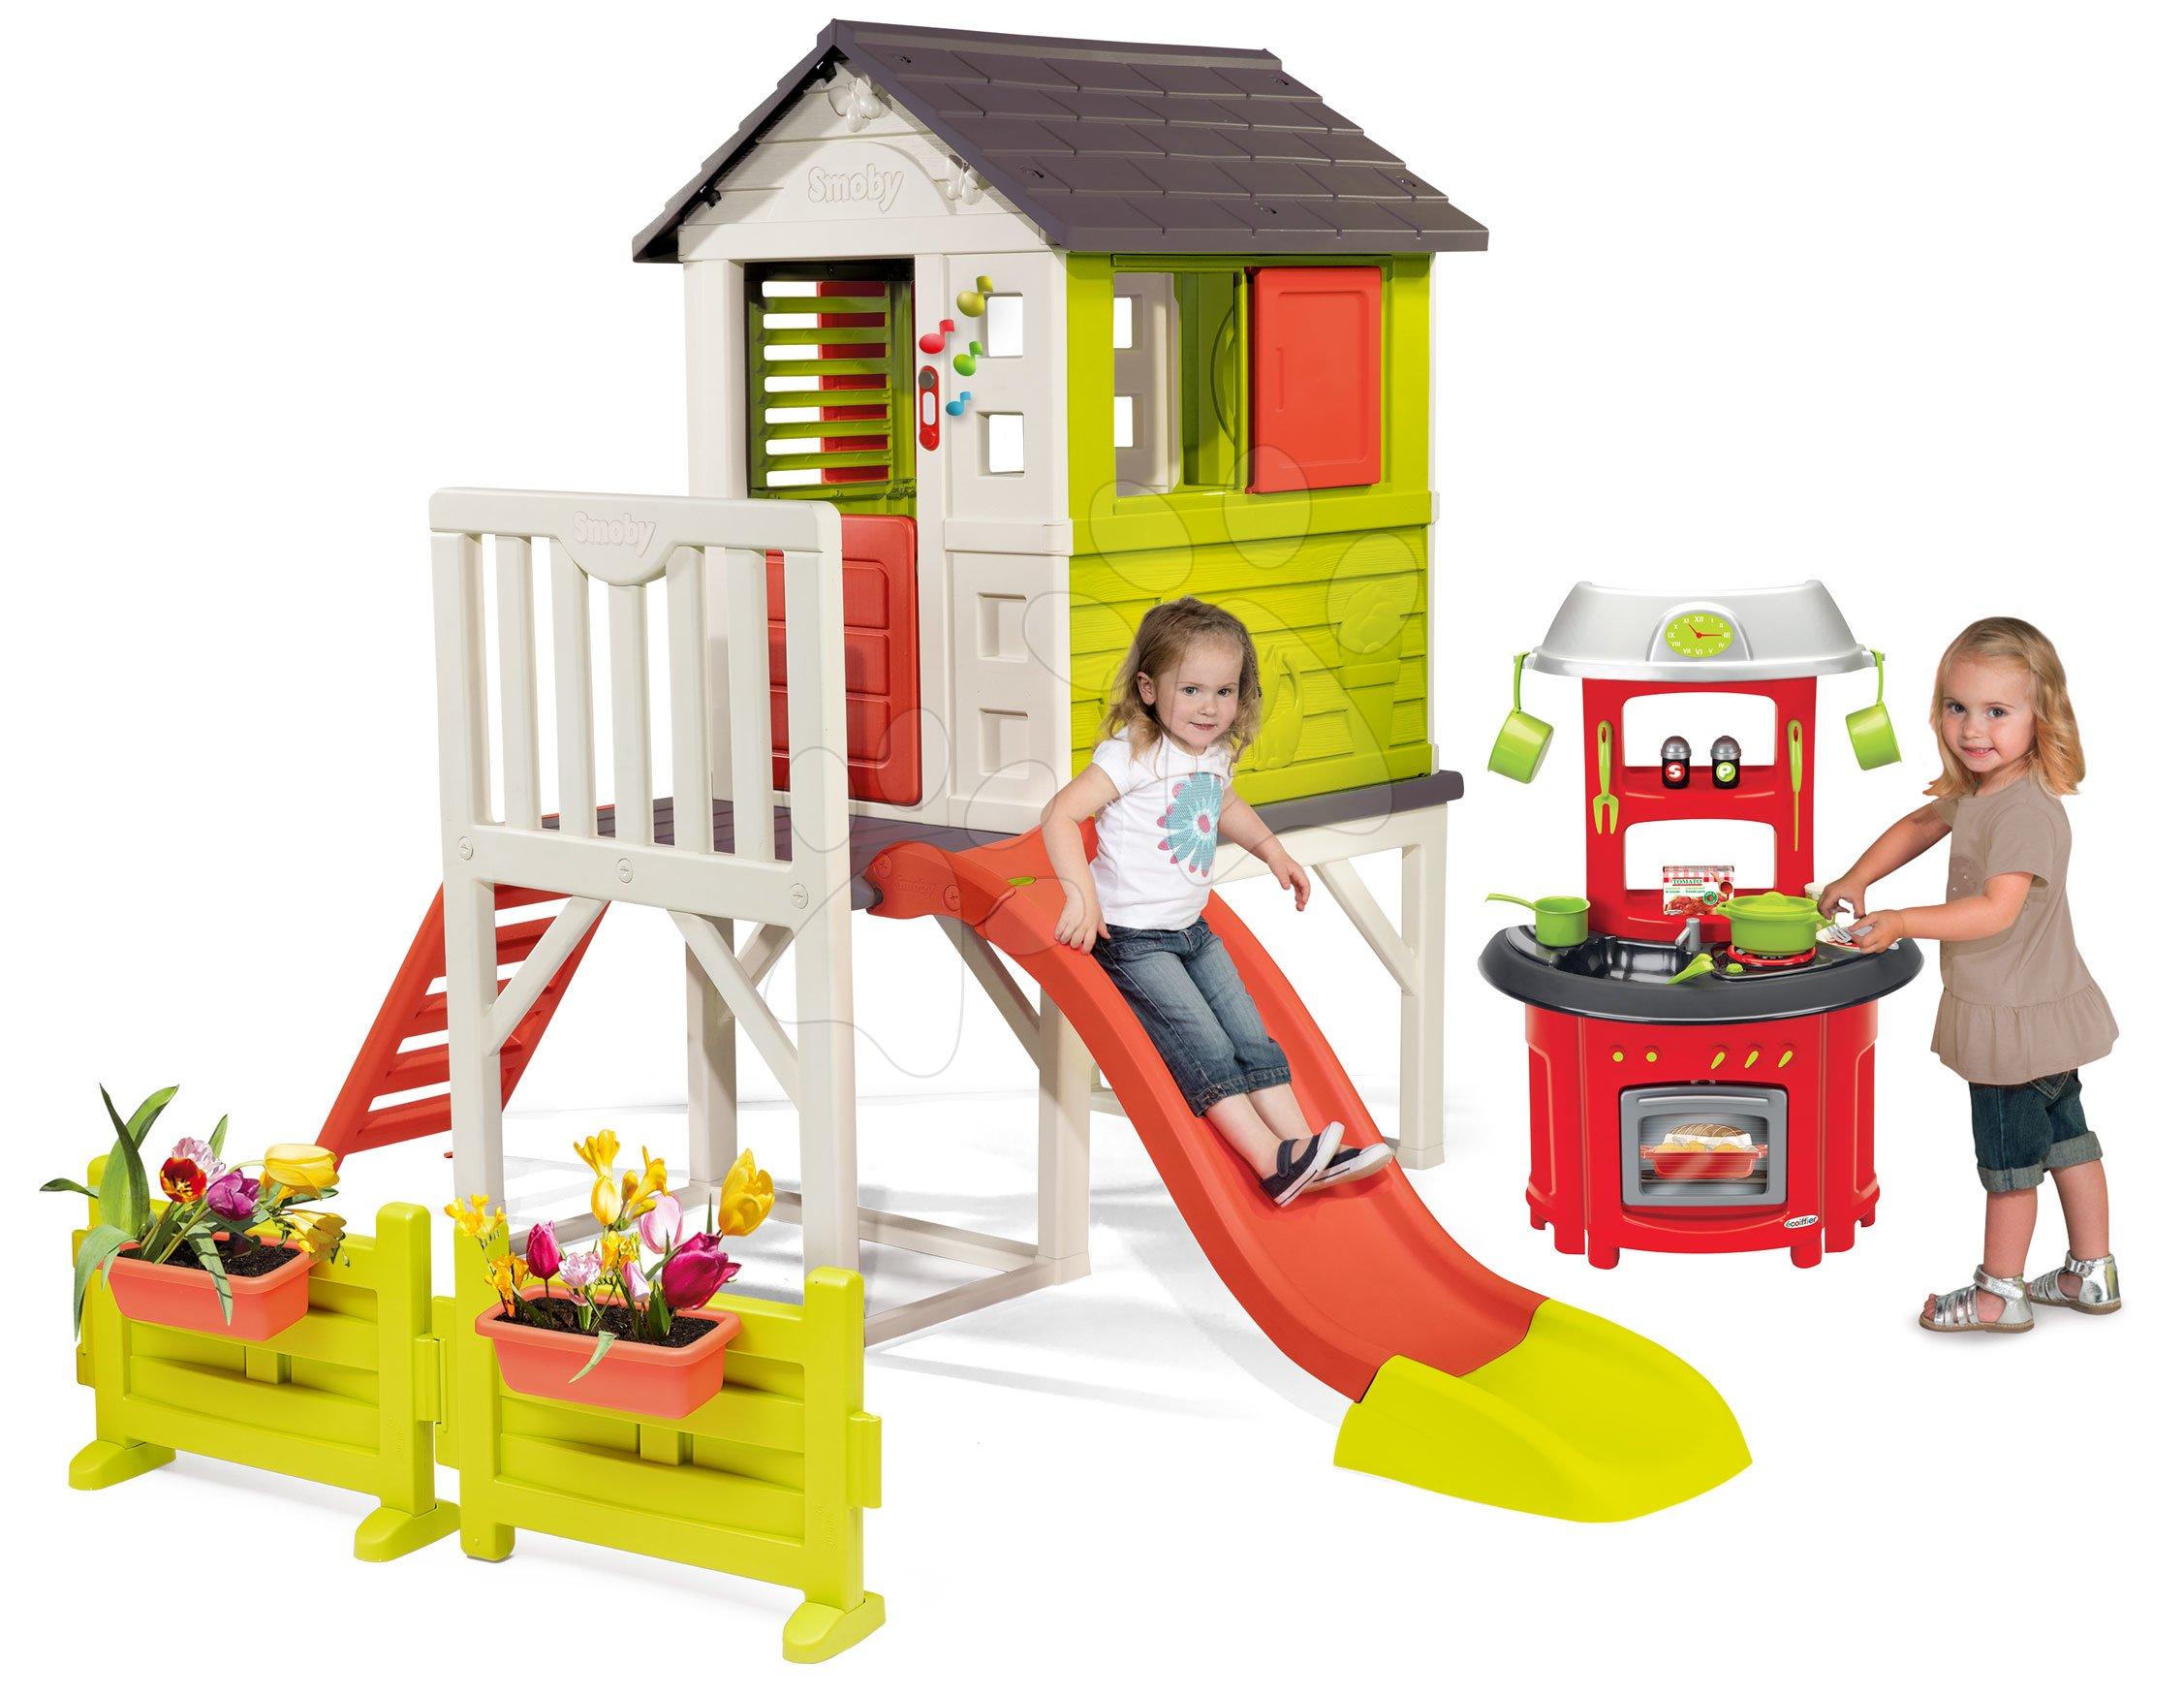 Set detský domček na pilieroch Pilings House Smoby s 1,5 m šmykľavkou s kuchynkou a záhradkou